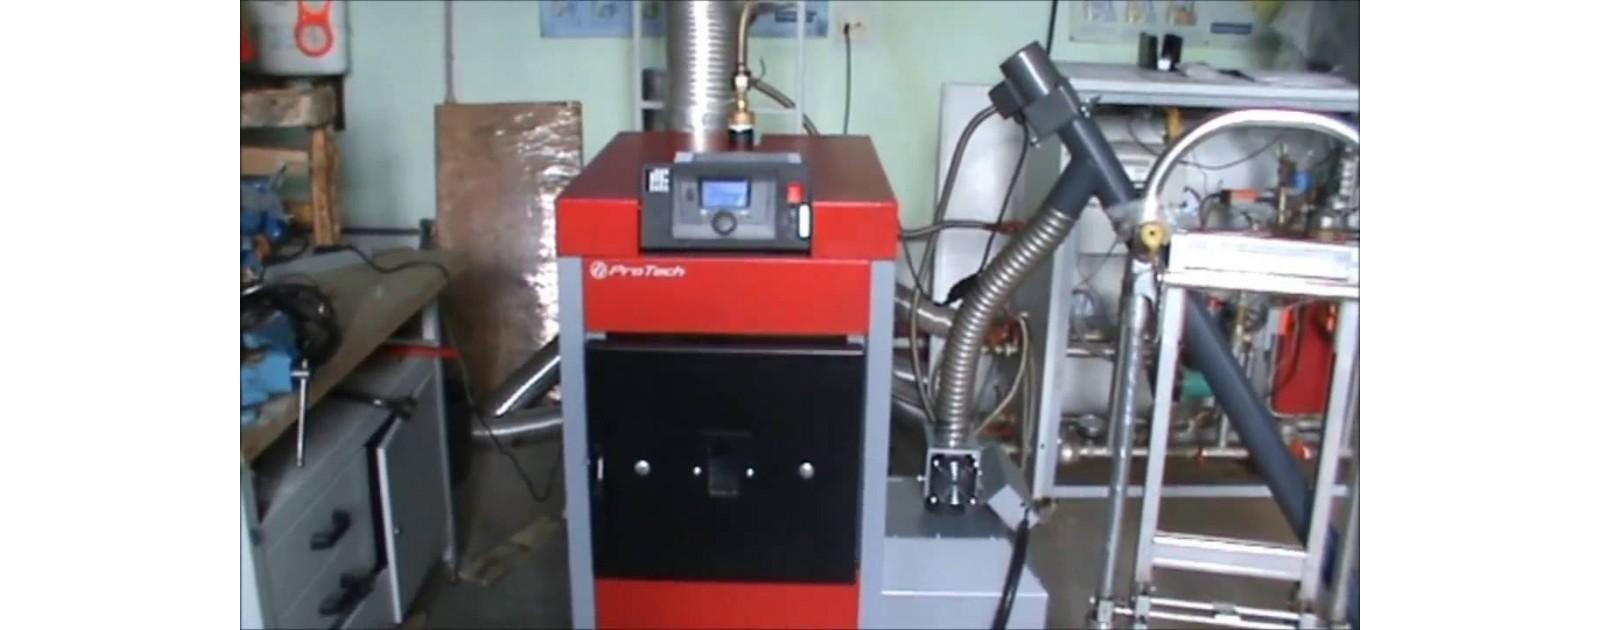 Испытание котла ProTech, ECO Line, 30 кВт